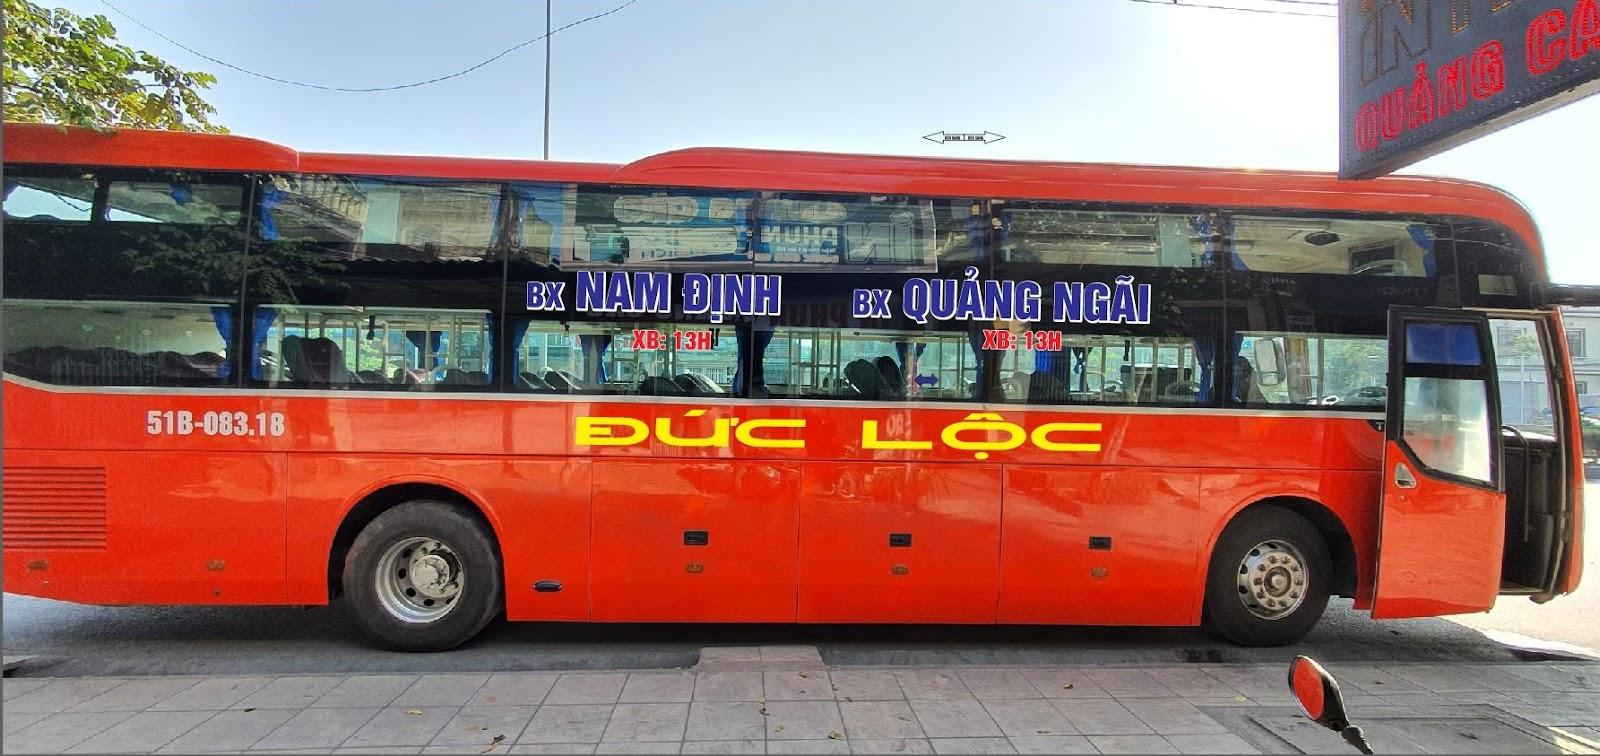 Xe Đức Lộc từ Nam Định đi Quảng Ngãi